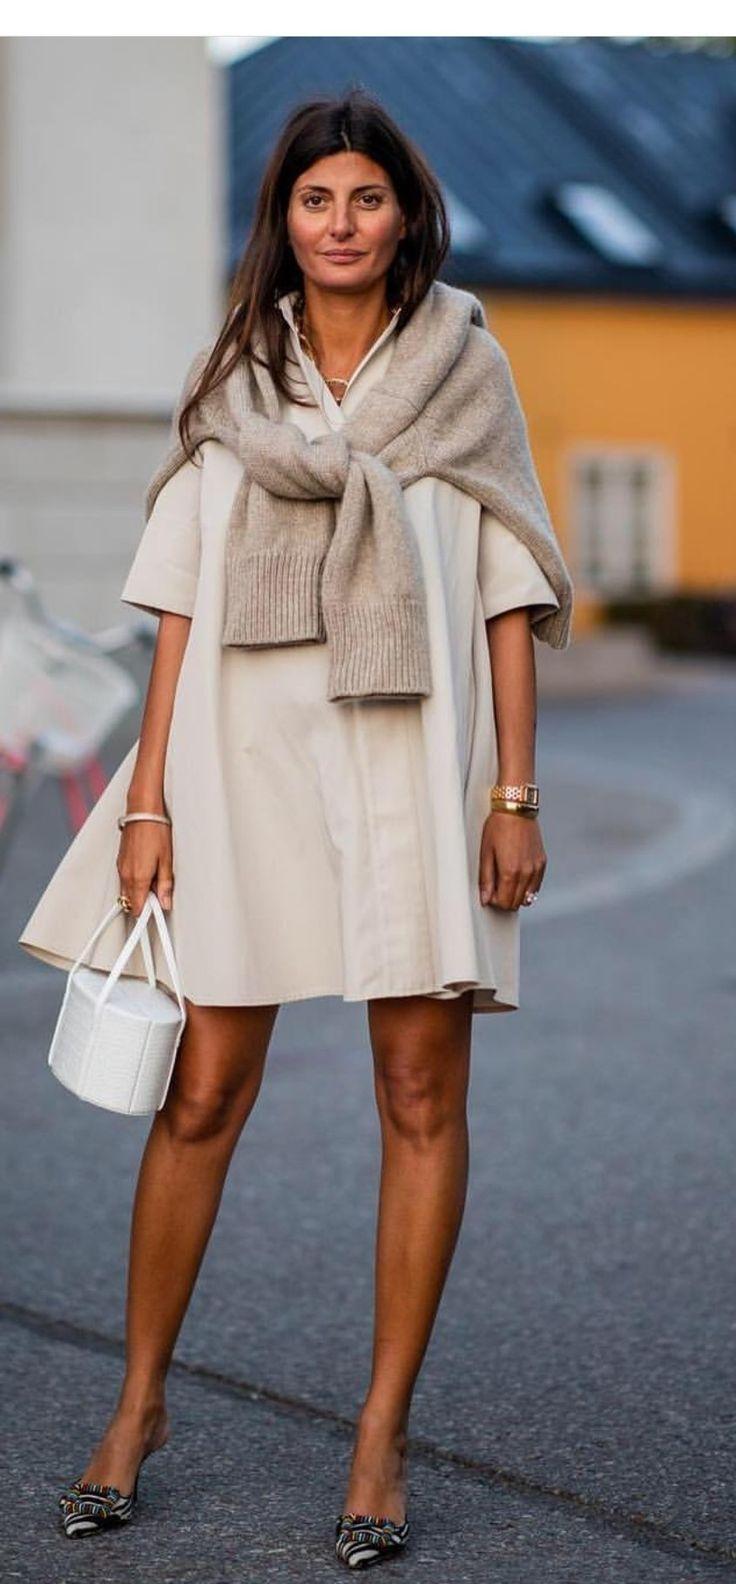 Ich liebe diesen Look, die Farbe und der Stil sind wundervoll. Ich mag den Ping der Farbe – Pia Eulenburg